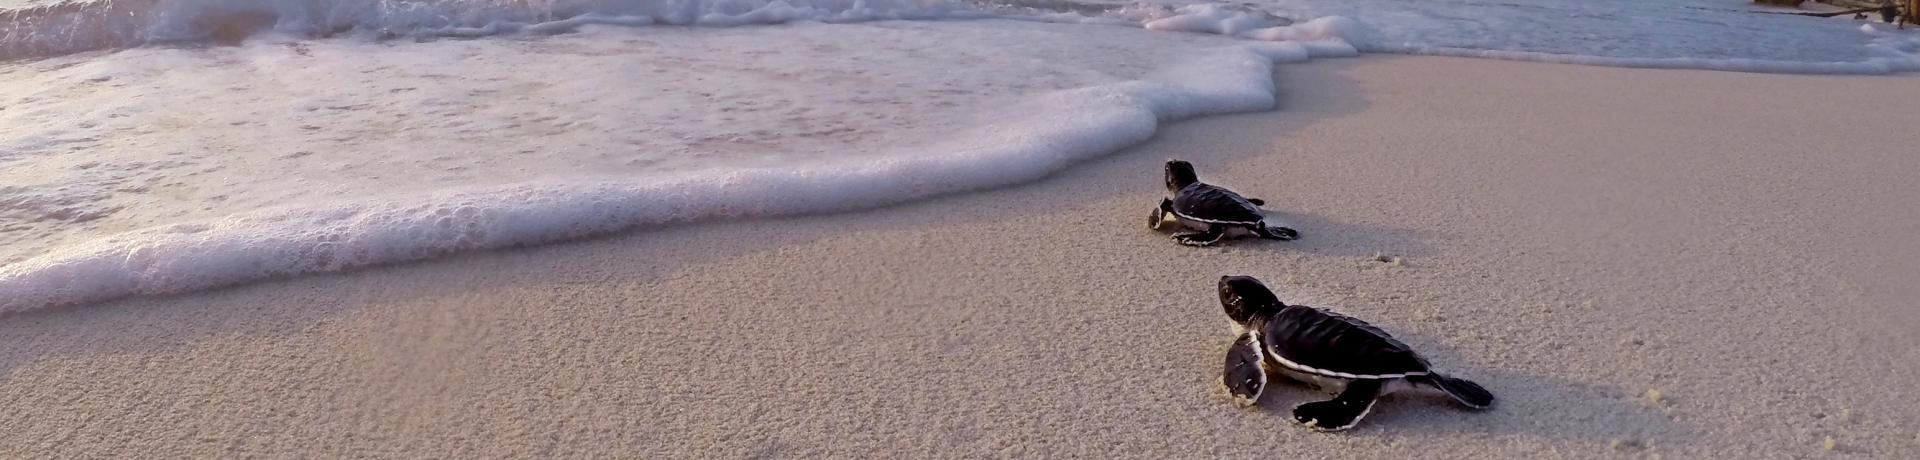 Strand-Schildkröte-Emotion